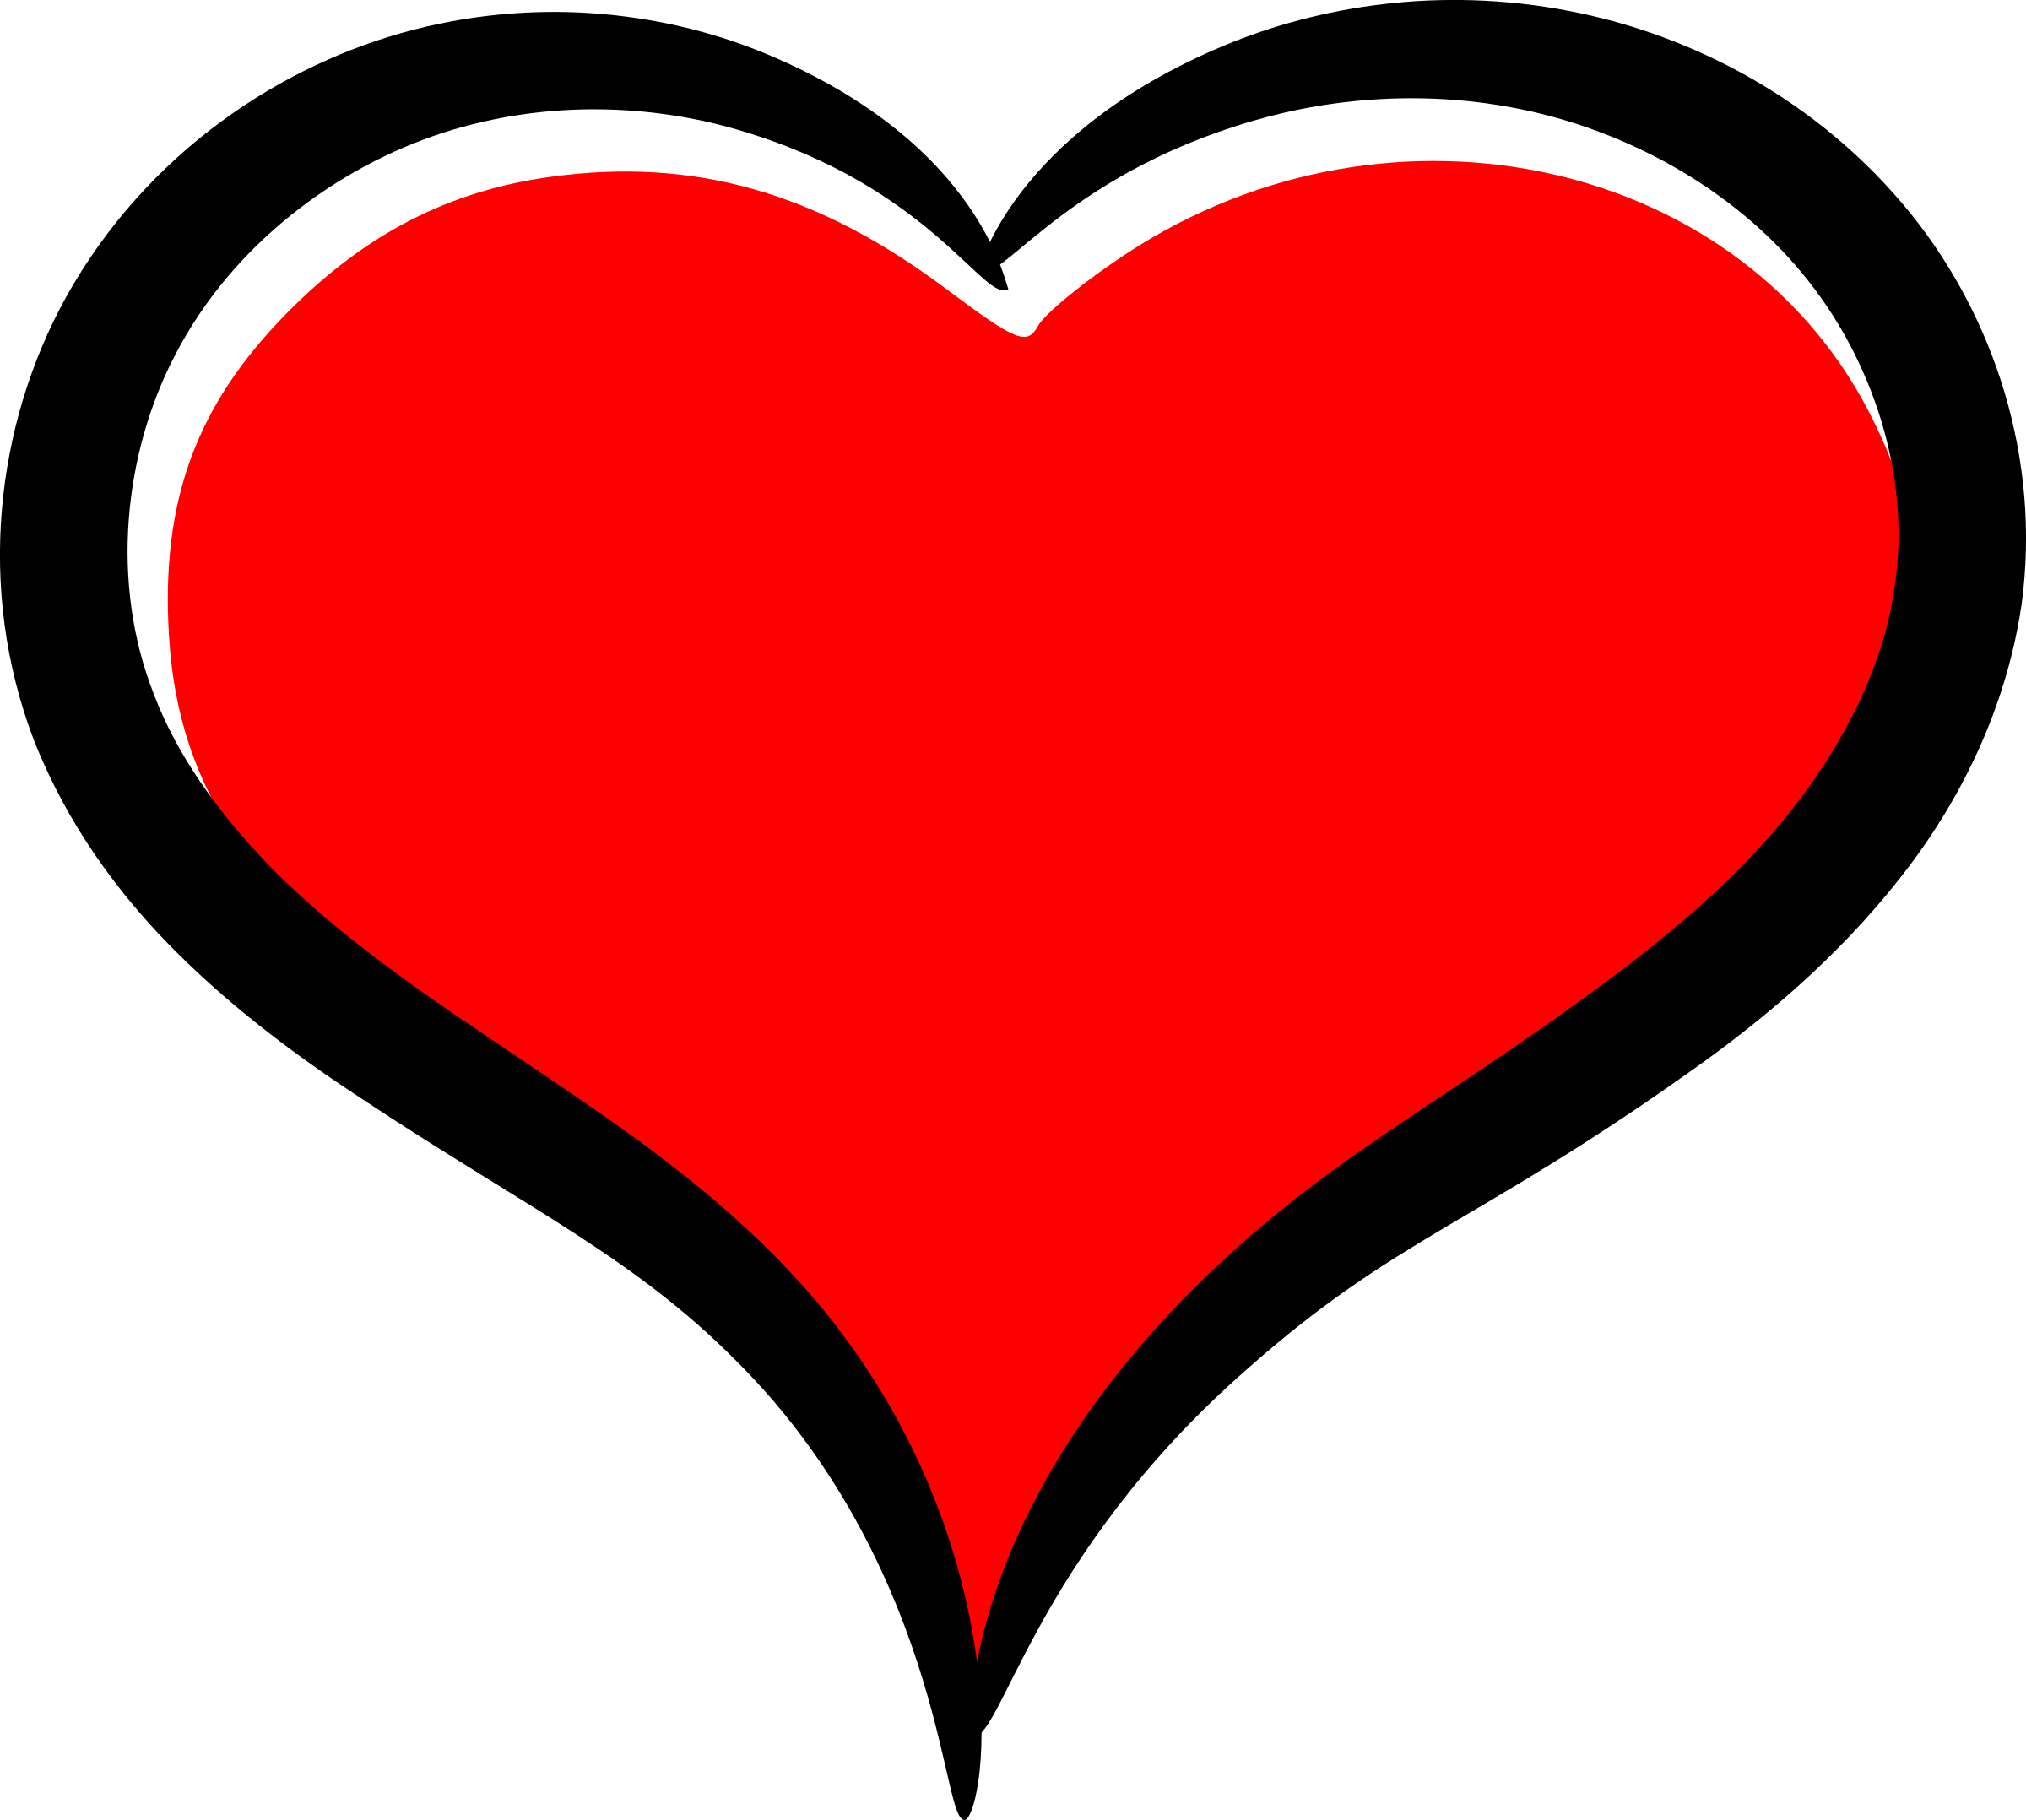 Red heart Love symbols, How to get boyfriend, Ex love